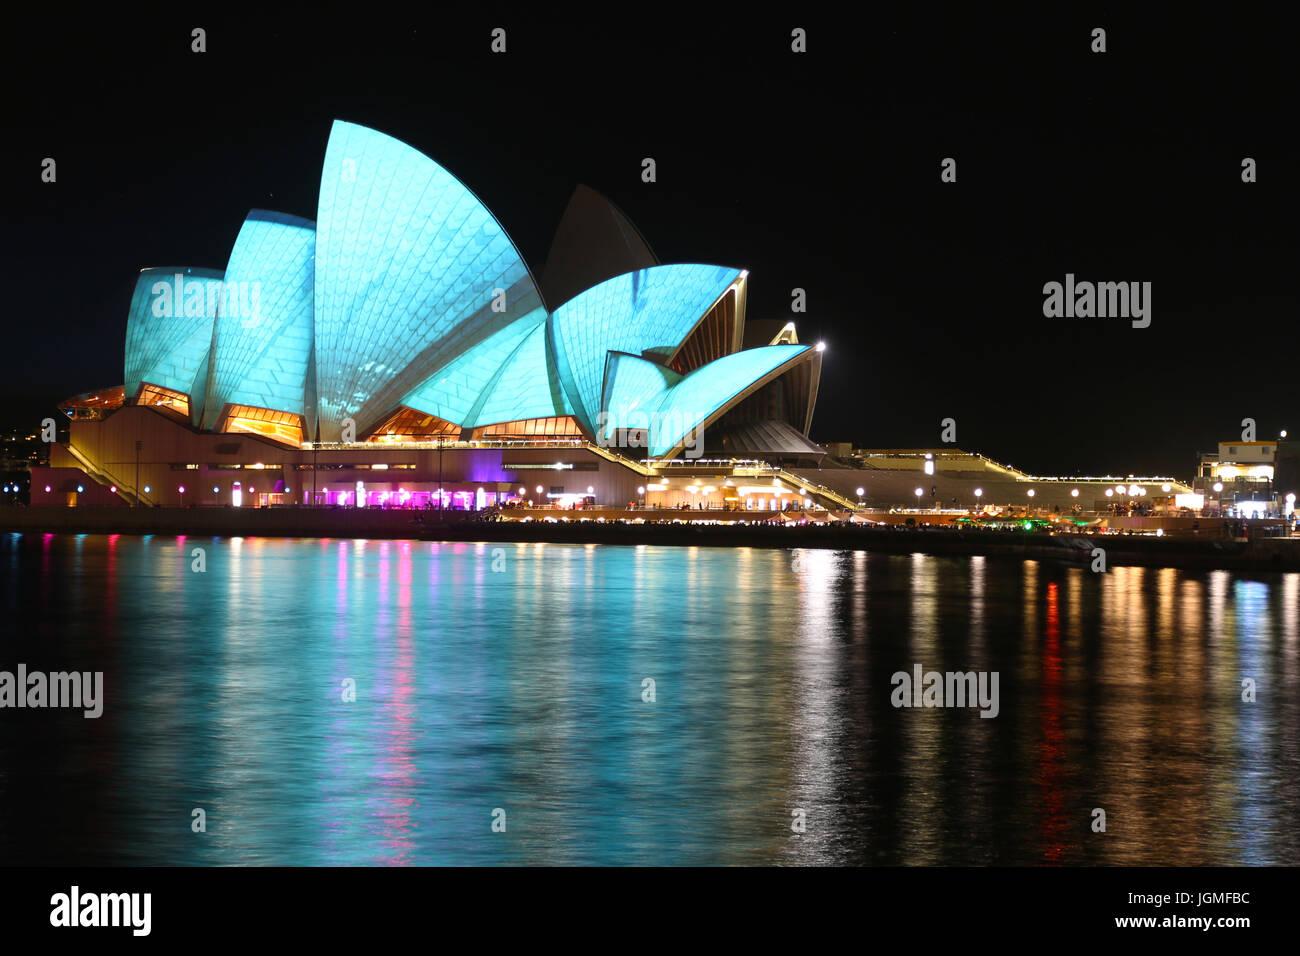 El Teatro de la Ópera de Sydney, NSW, Australia durante la noche Imagen De Stock